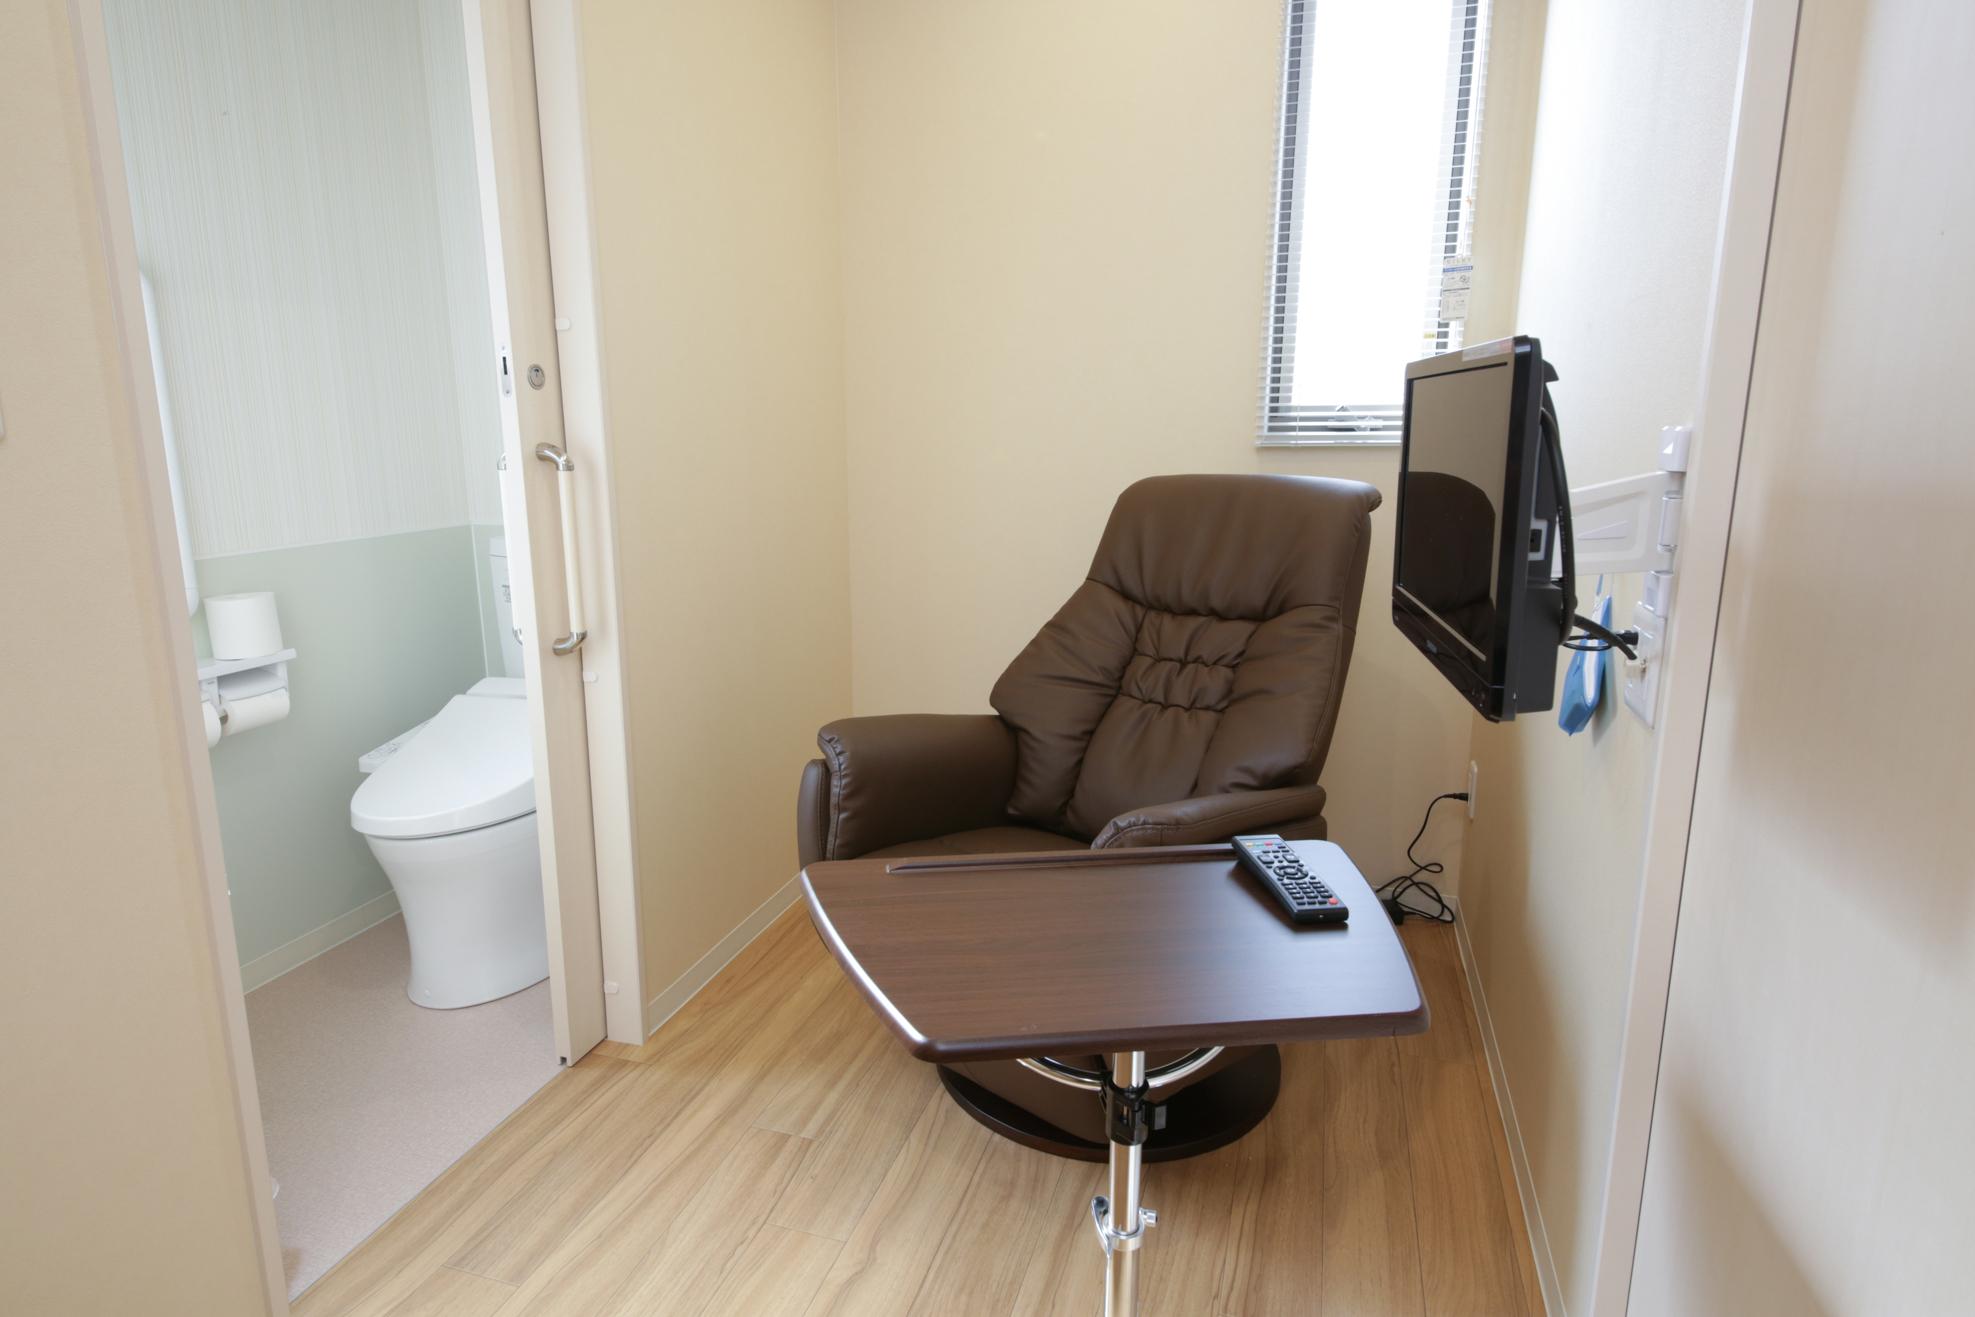 ご自宅での腸管洗浄が不安な方は院内のトイレ付個室をご利用ください